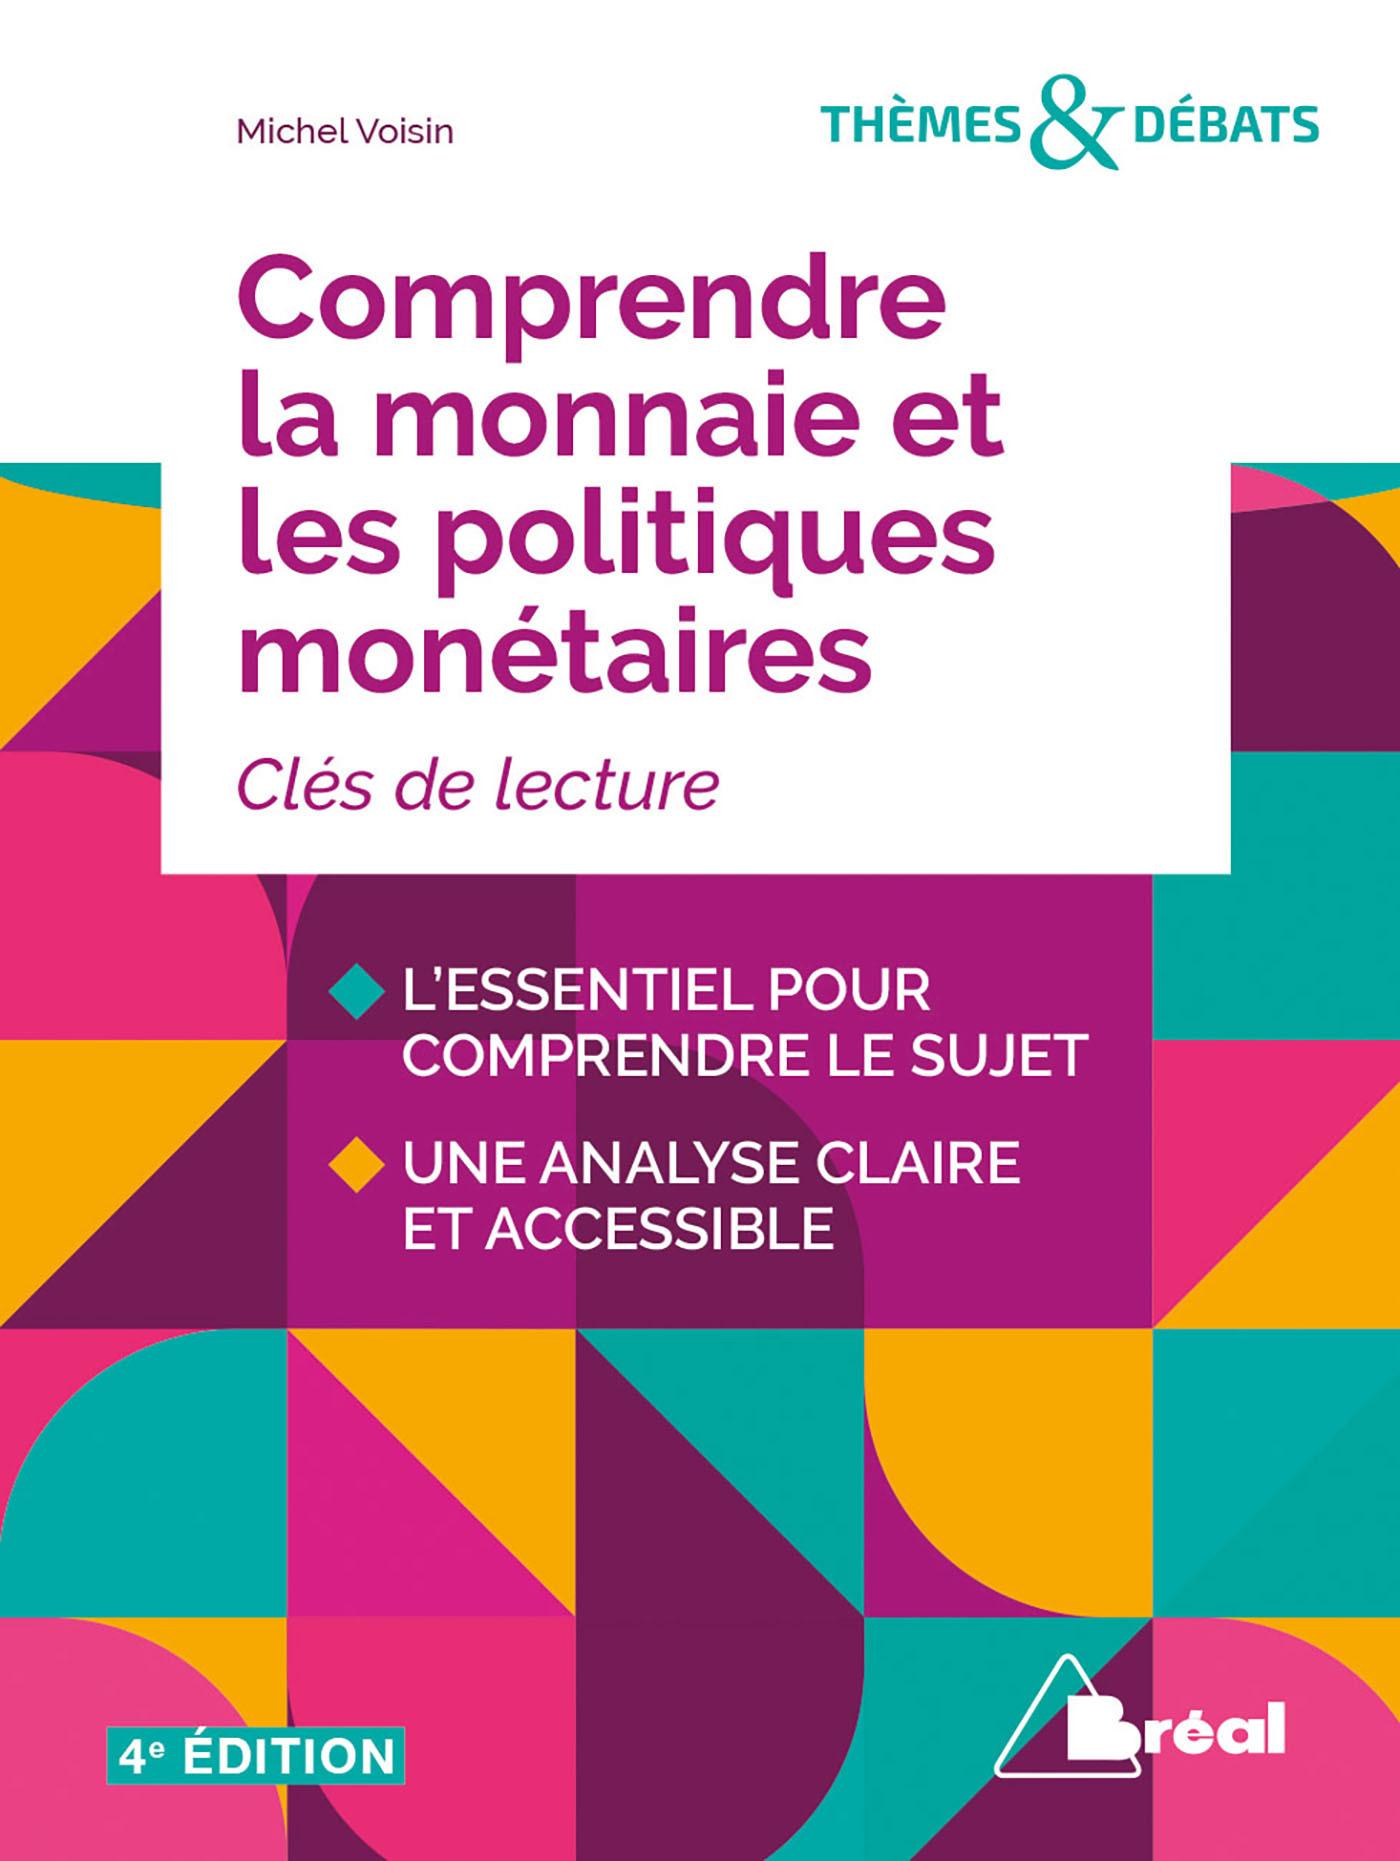 COMPRENDRE LA MONNAIE ET LES POLITIQUES MONETAIRES